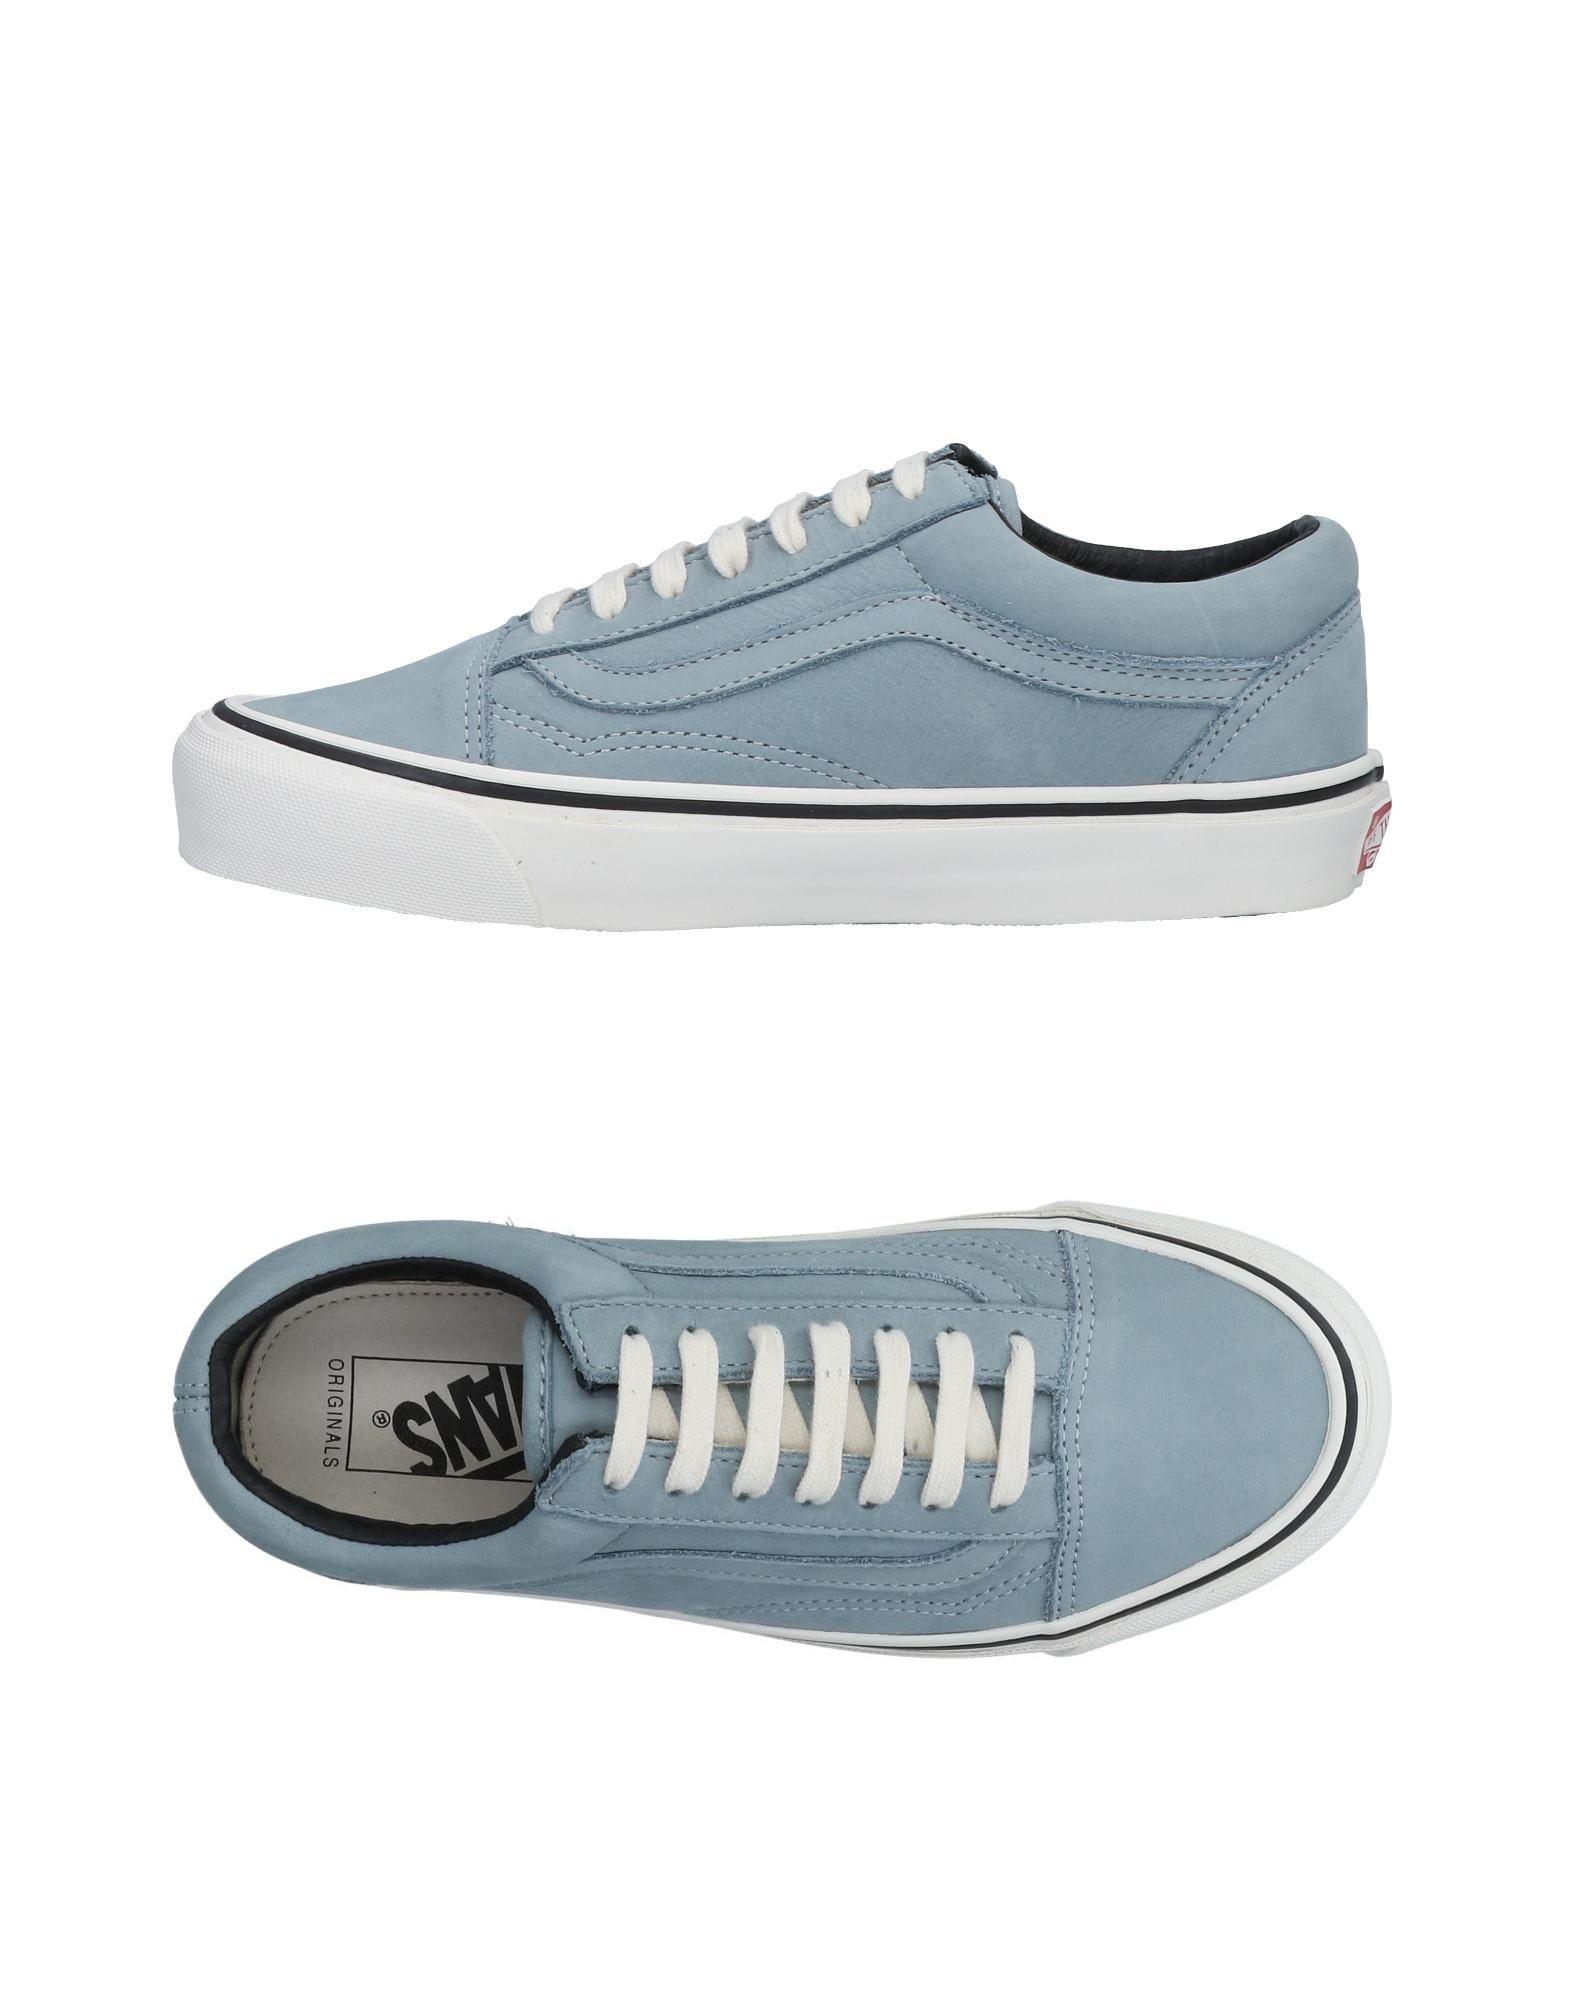 Vans 11475871QR Sneakers Damen  11475871QR Vans Gute Qualität beliebte Schuhe d90436